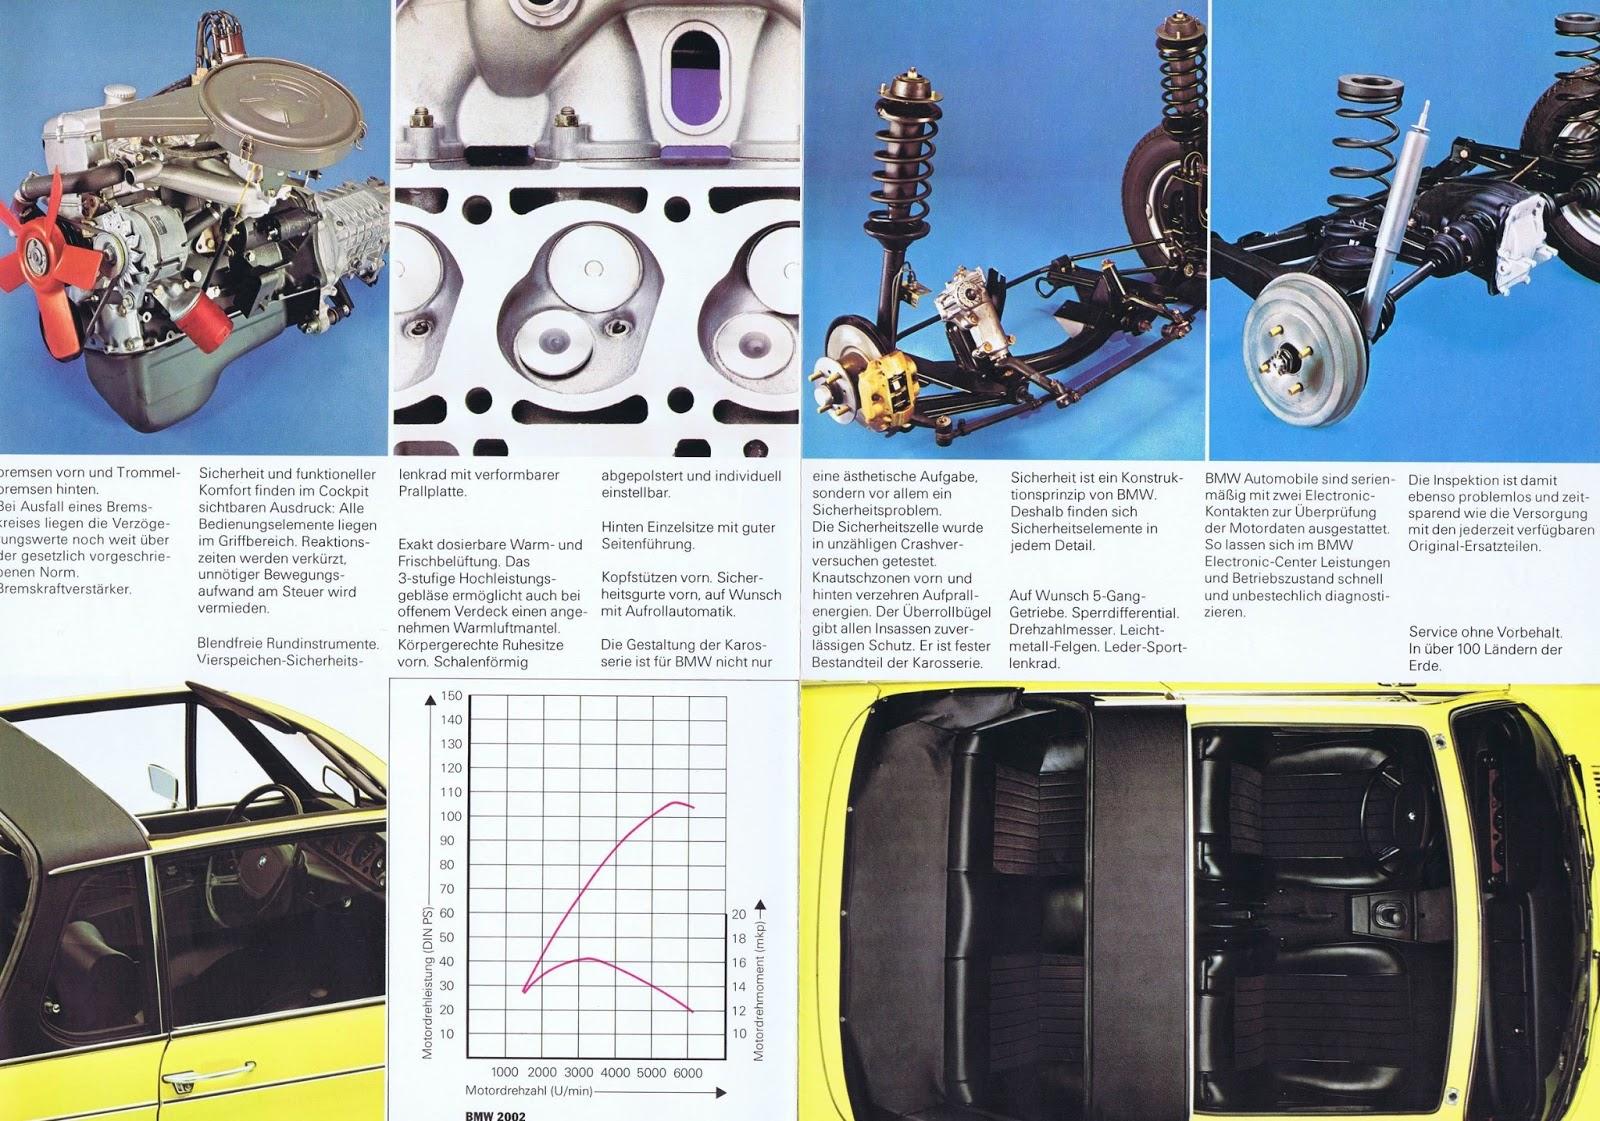 Baurspotting Bmw 2002 Baur Cabrio Targa Brochure 1974